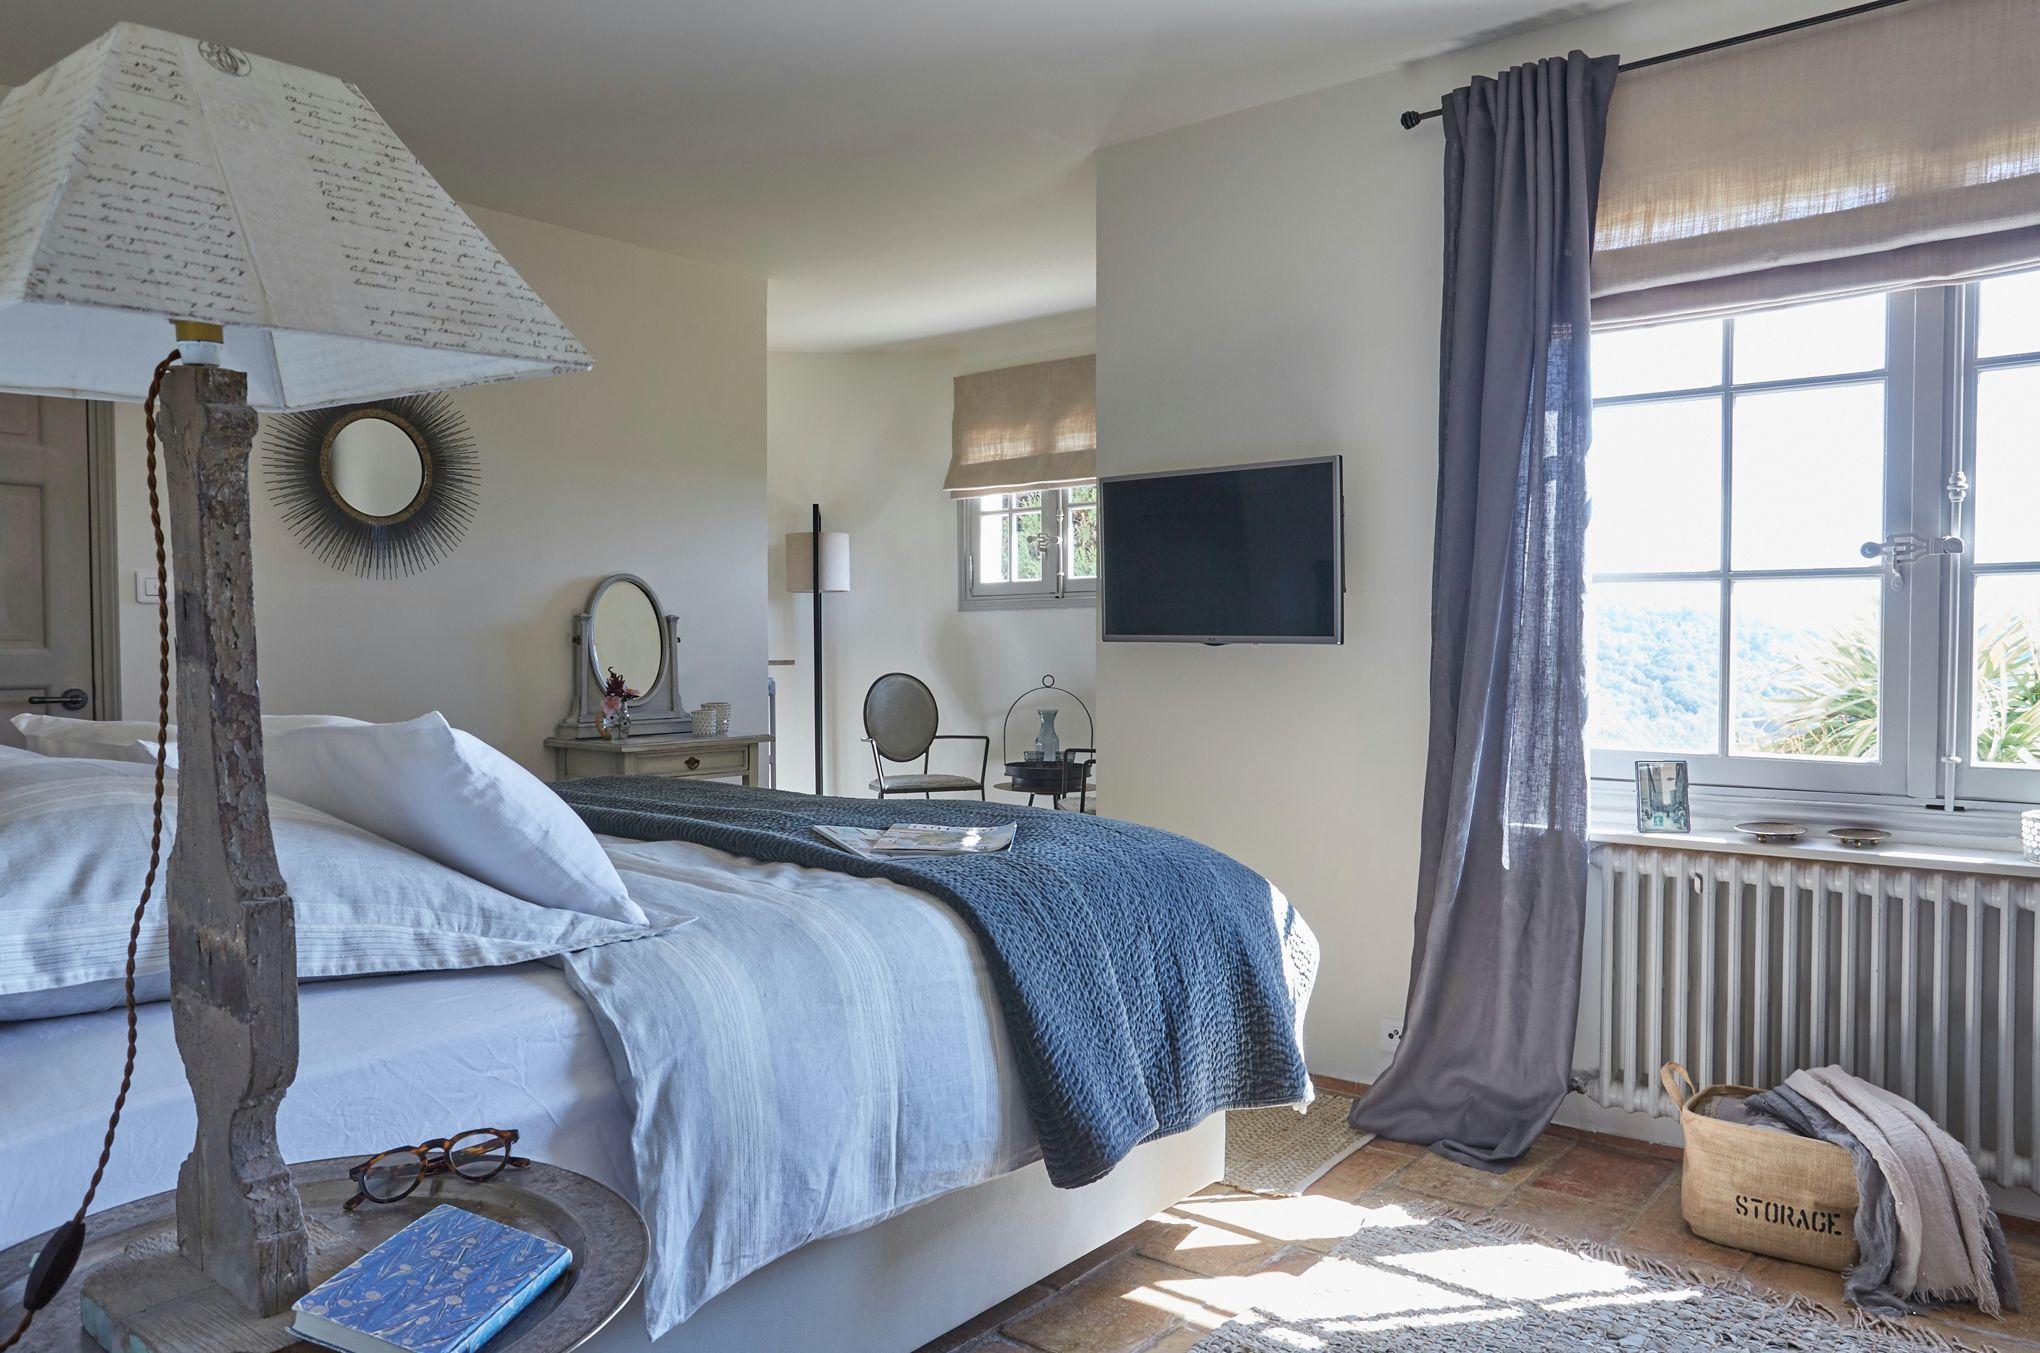 nos plus belles chambres d 39 h tes dans le sud est. Black Bedroom Furniture Sets. Home Design Ideas